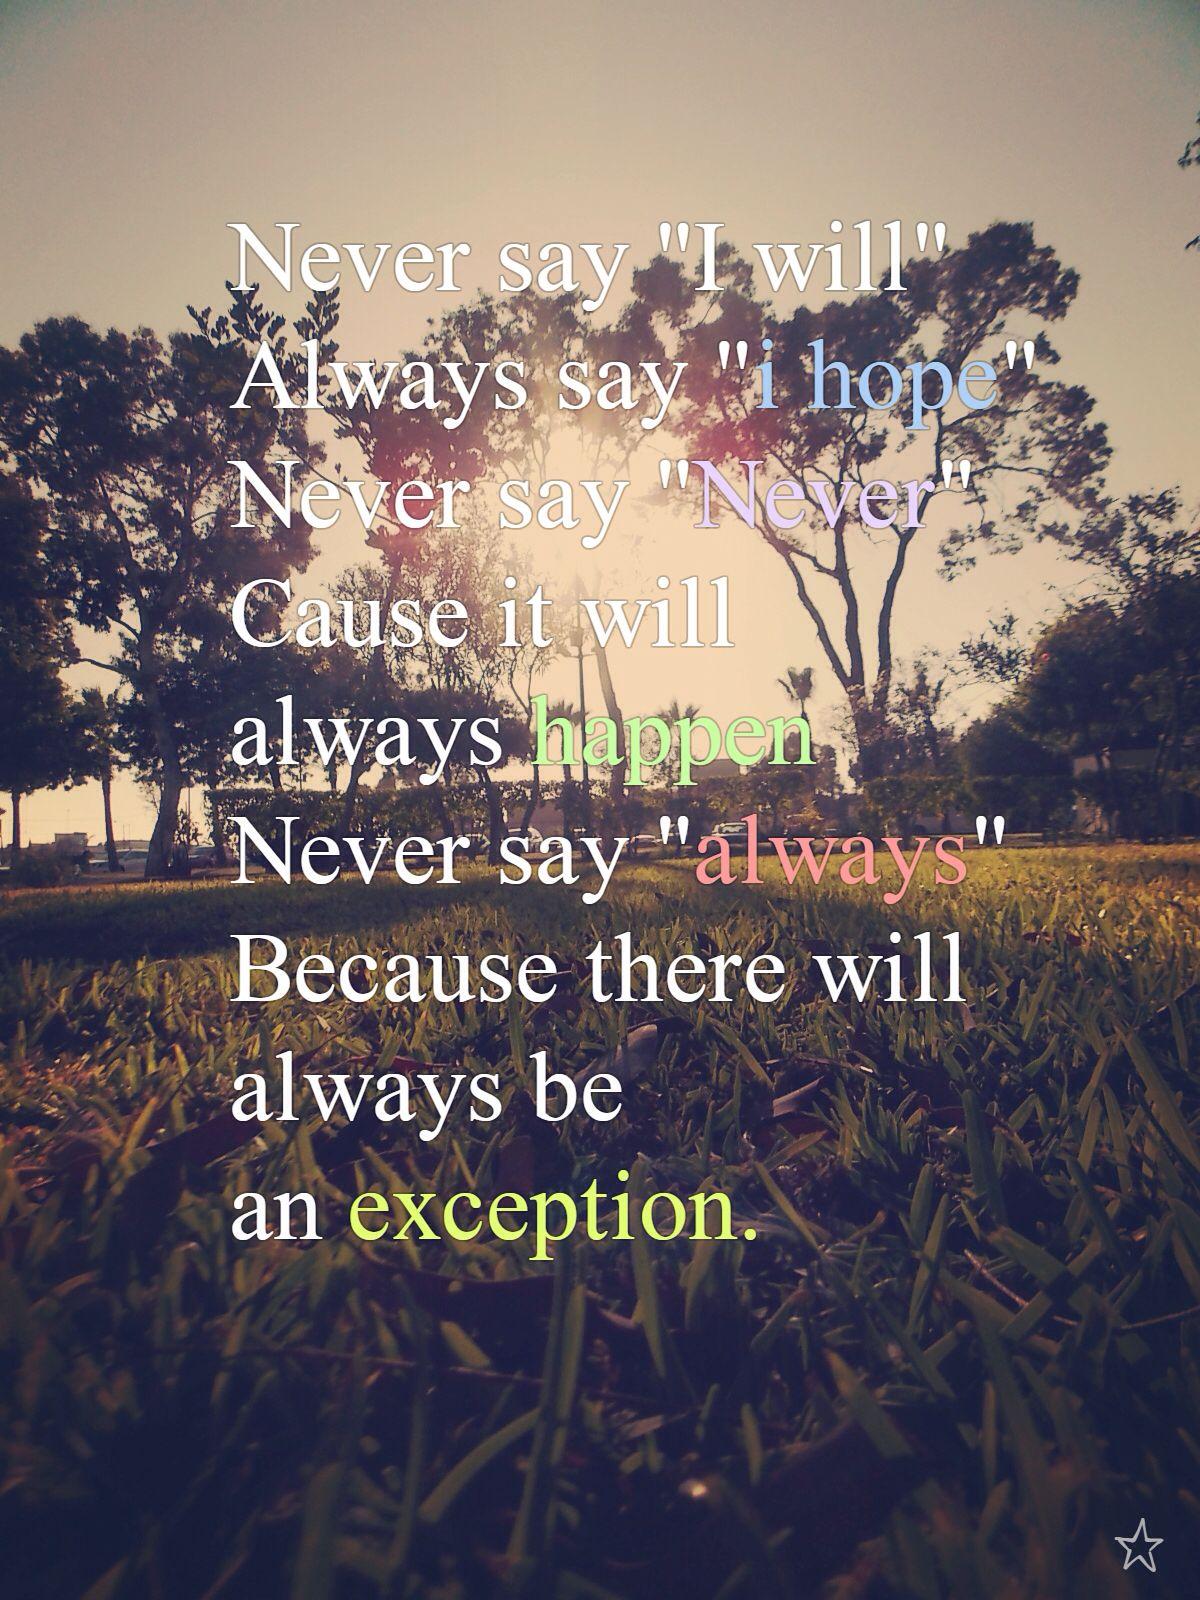 Quote, Melanie Estrella quotes,